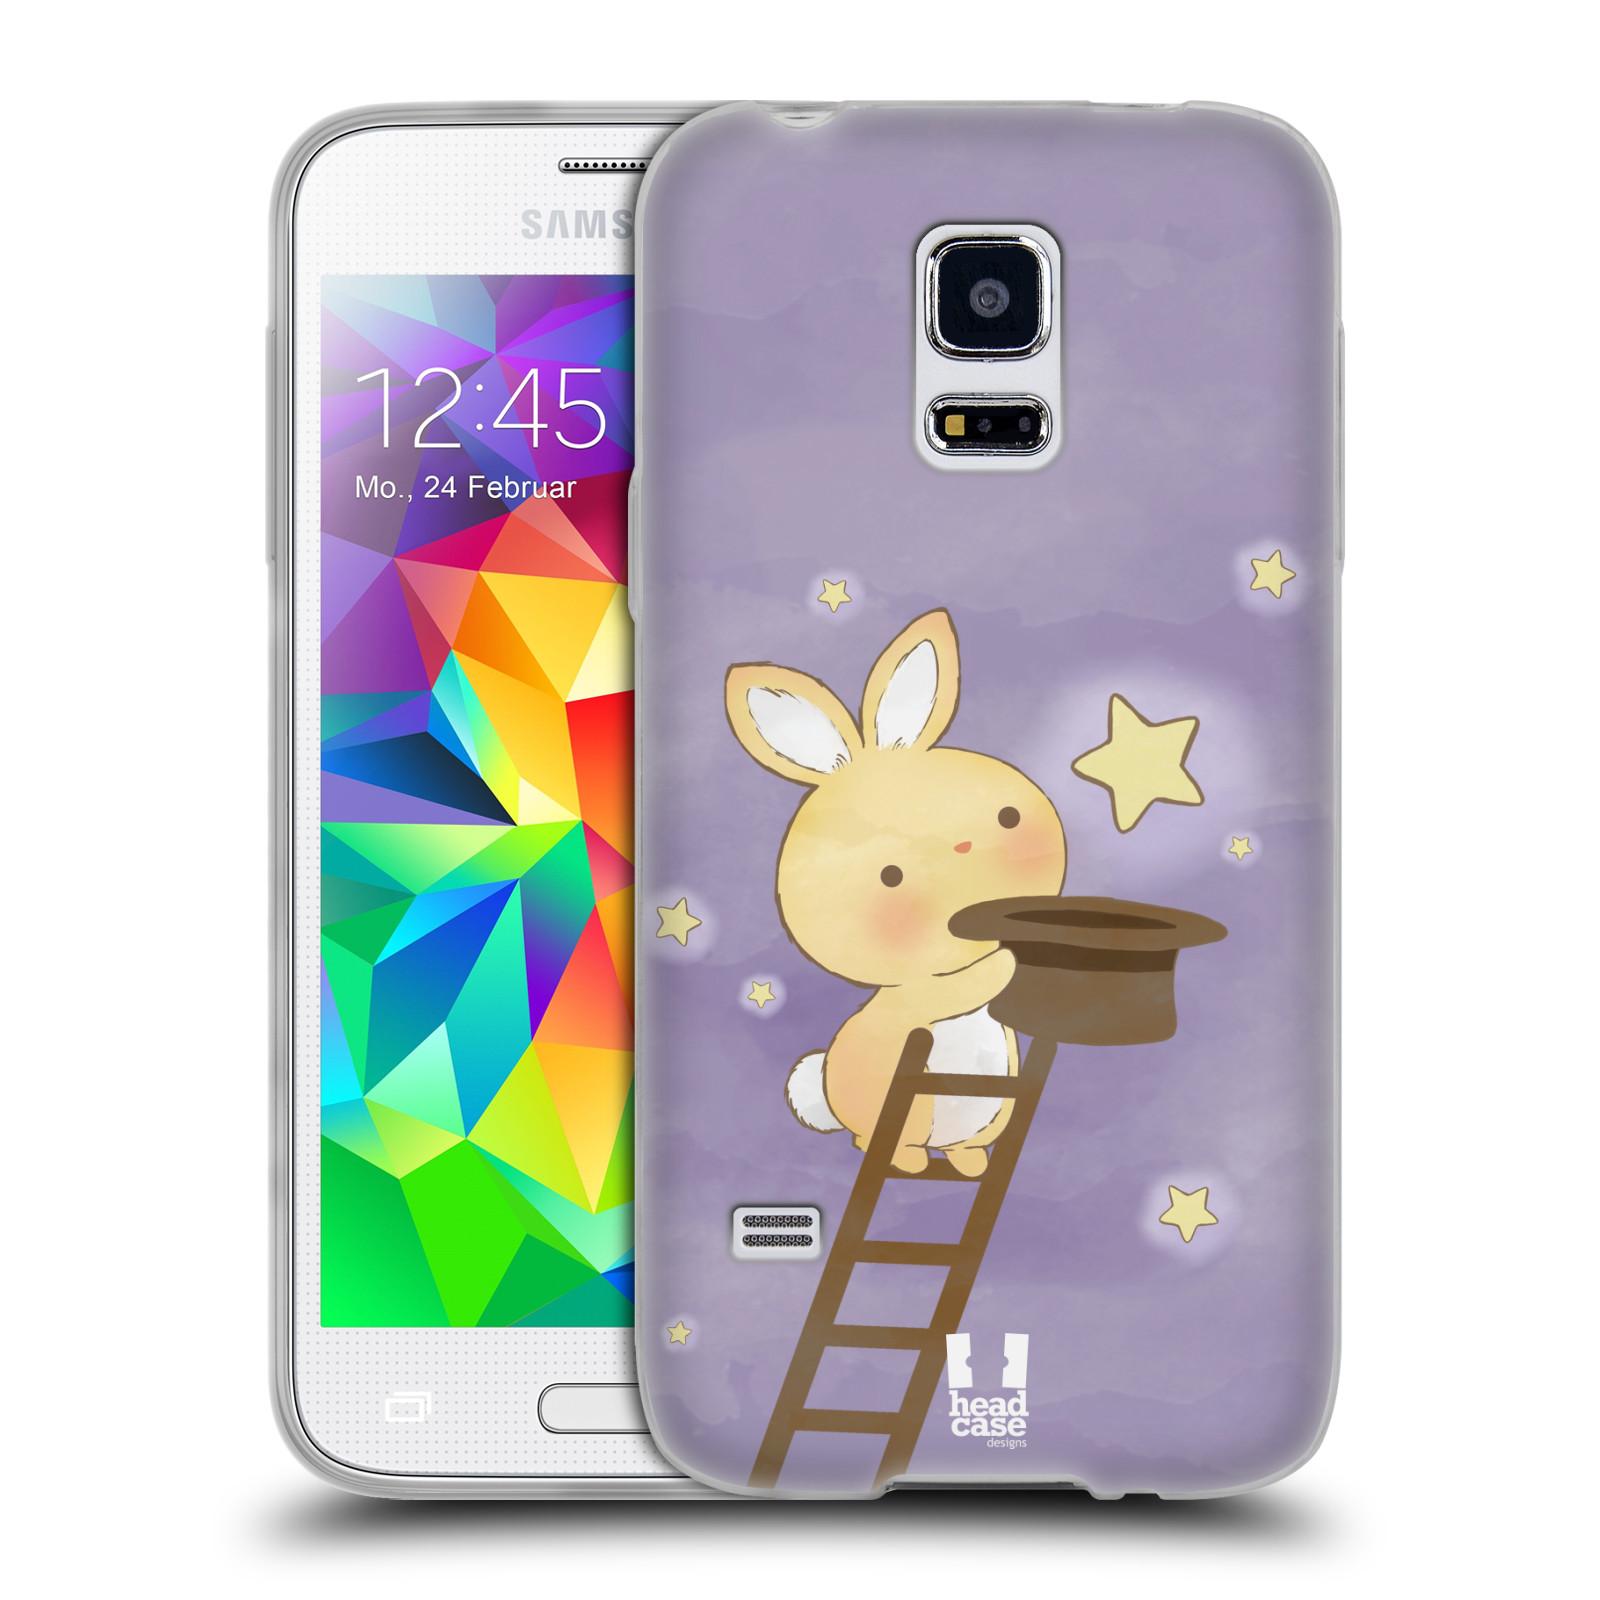 HEAD CASE silikonový obal na mobil Samsung Galaxy S5 MINI vzor králíček a hvězdy fialová